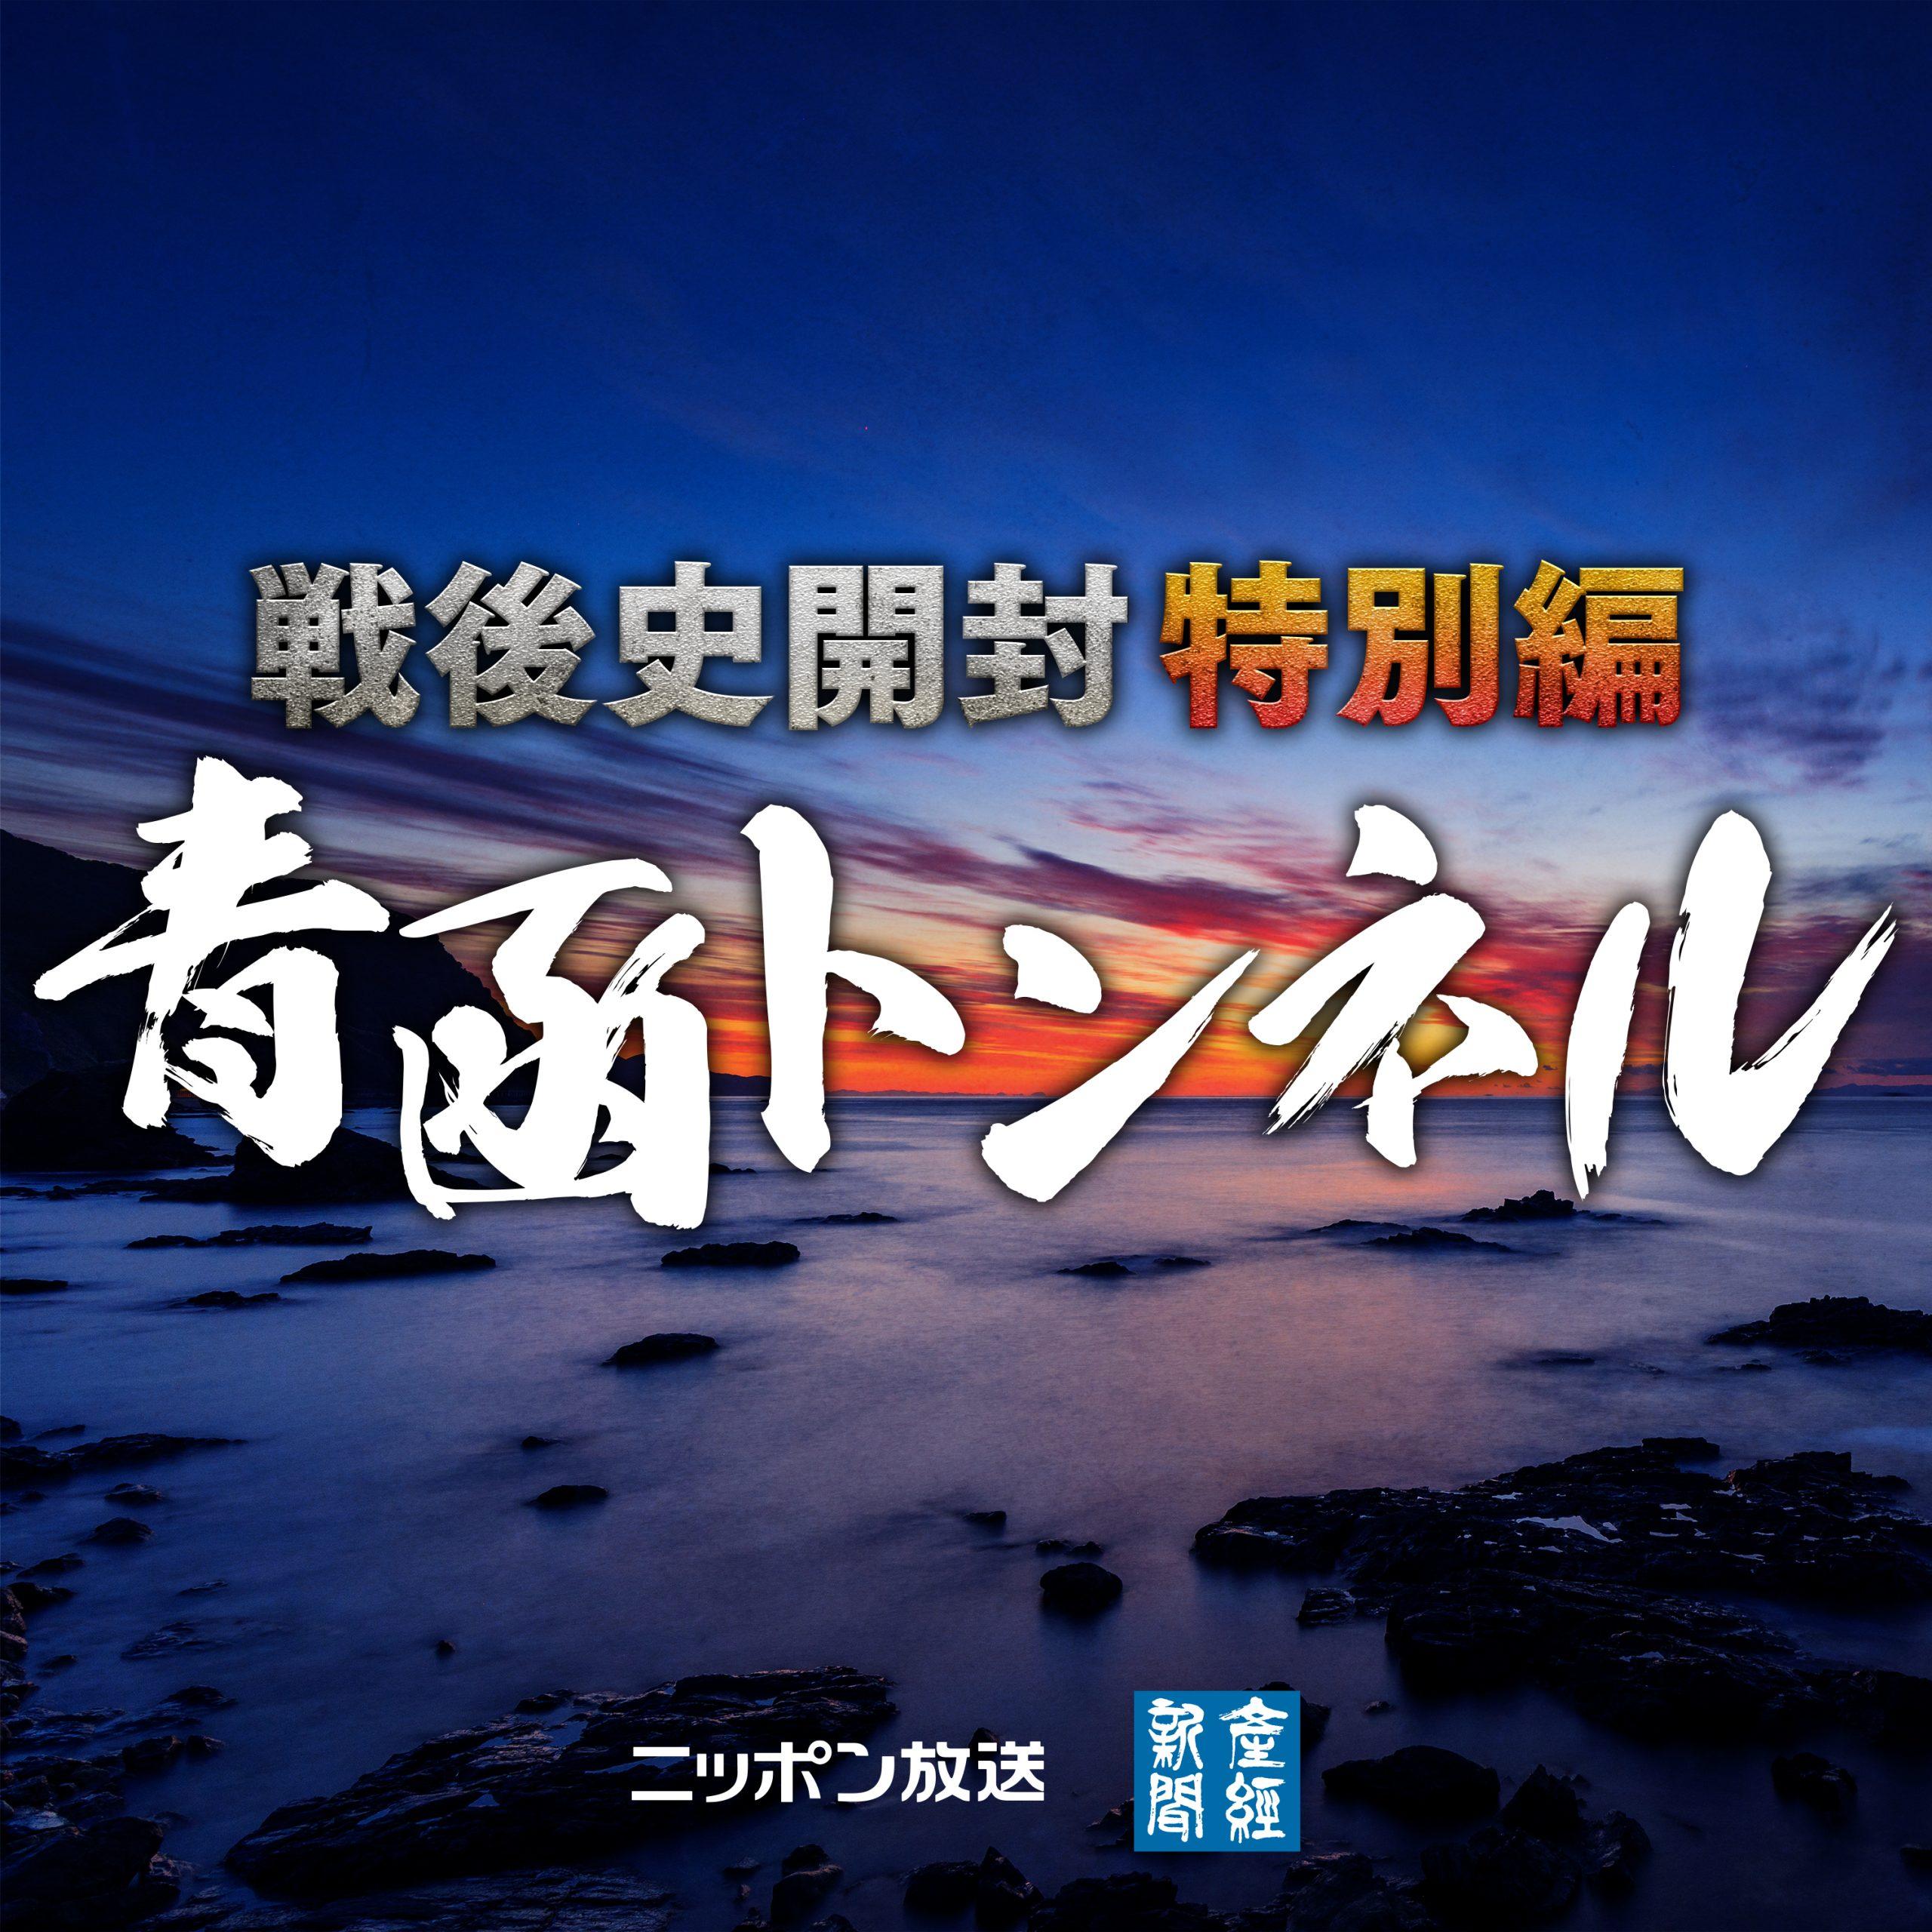 戦後史開封特別編・青函トンネル